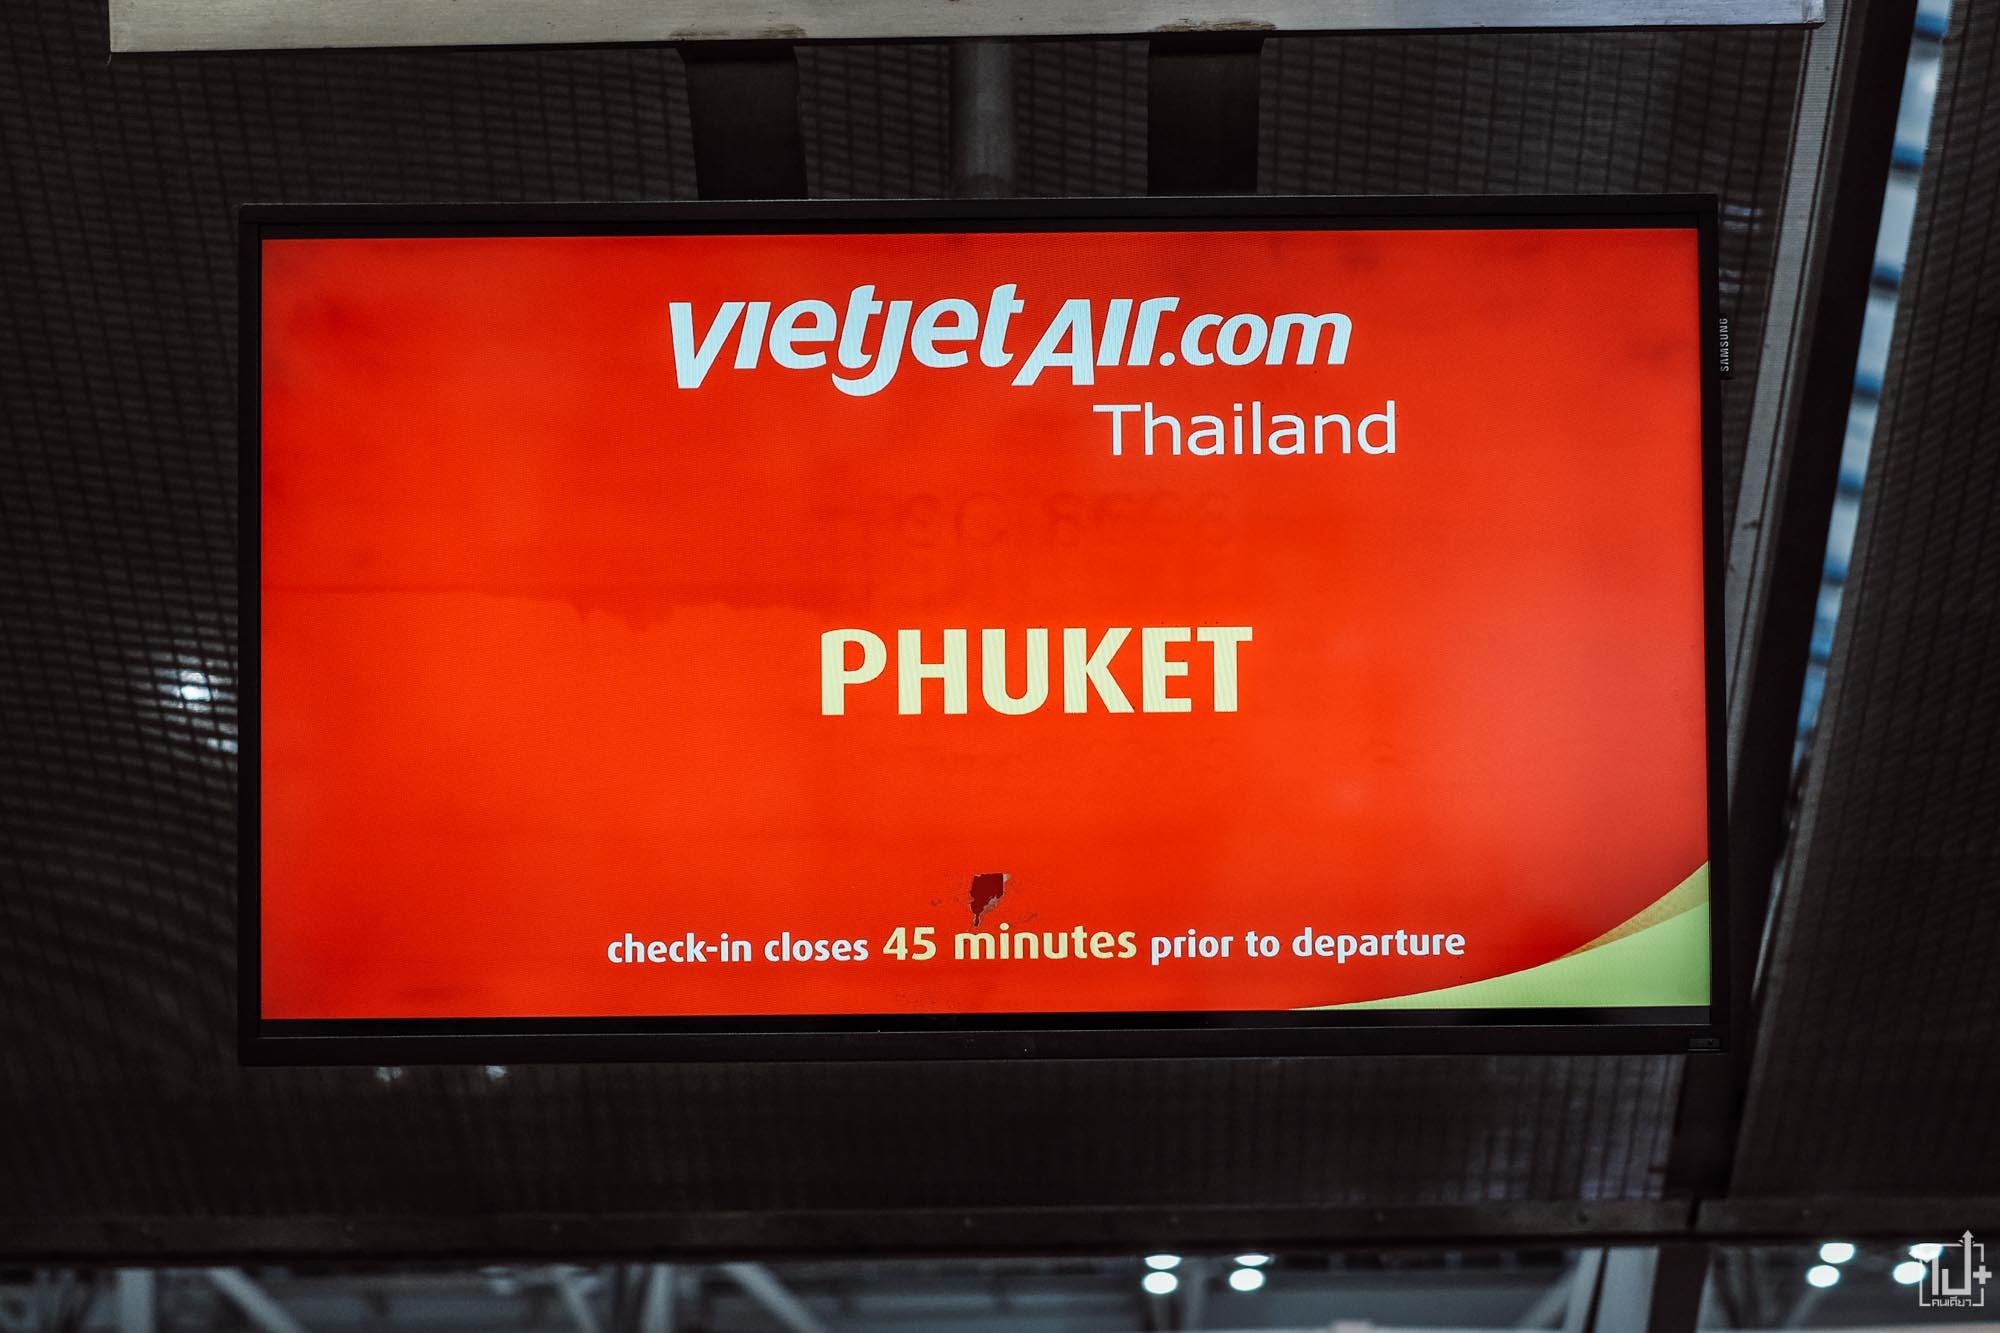 #ThaiVietjet #ไทยเวียตเจ็ทวันเดย์ทริป #ไทยเวียตเจ็ท #ทัวร์เกาะพีพี #ภูเก็ต #ร้านน่านั่ง #ที่เที่ยวภูเก็ต #จุดเช็คอินภูเก็ต